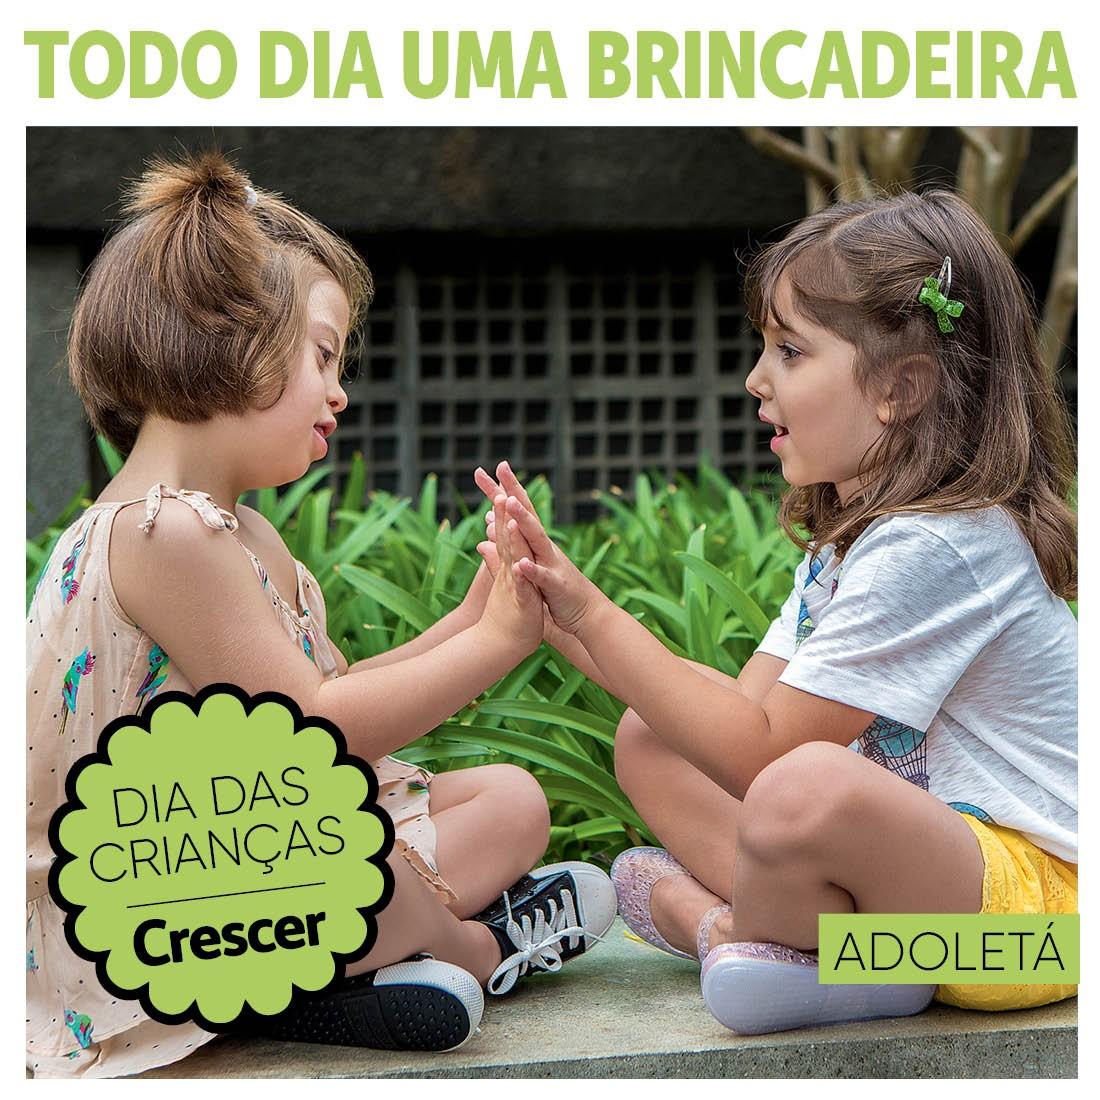 ADOLETA-TODO-DIA-UMA-BRINCADEIRA (Foto:  EDITORA GLOBO)